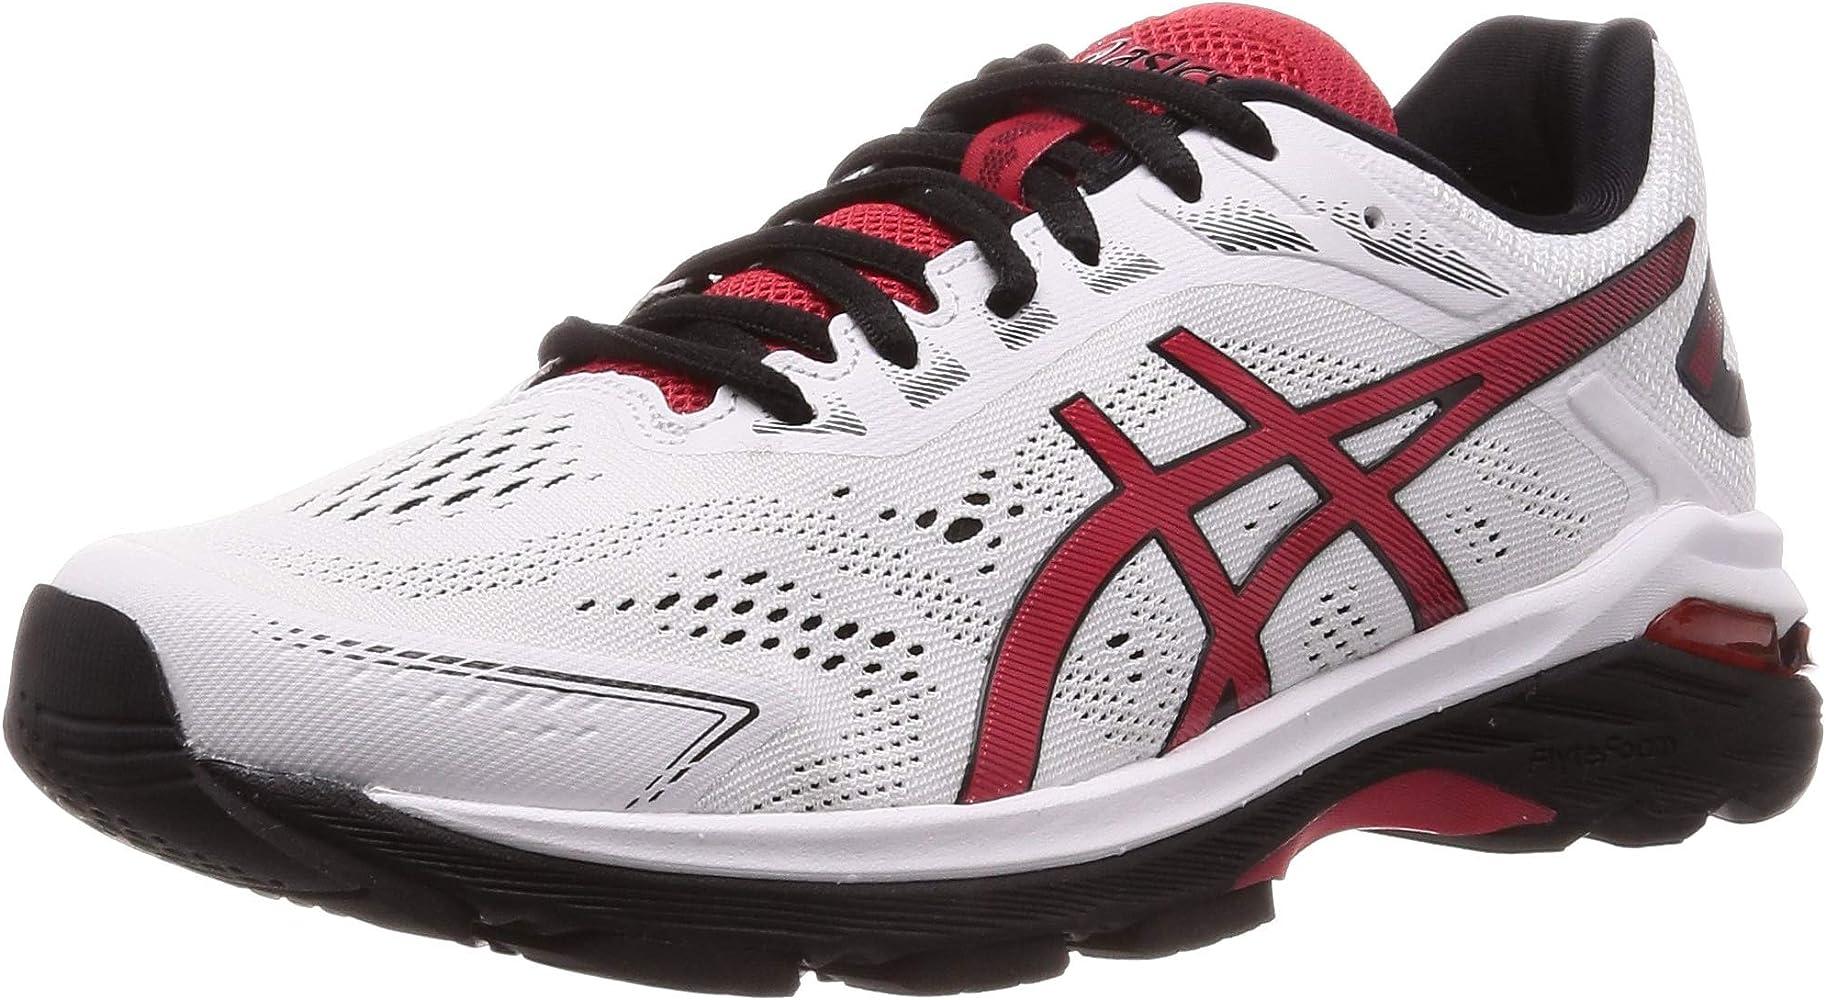 ASICS GT-2000 7 Zapatillas para Correr - AW19-40: Amazon.es ...